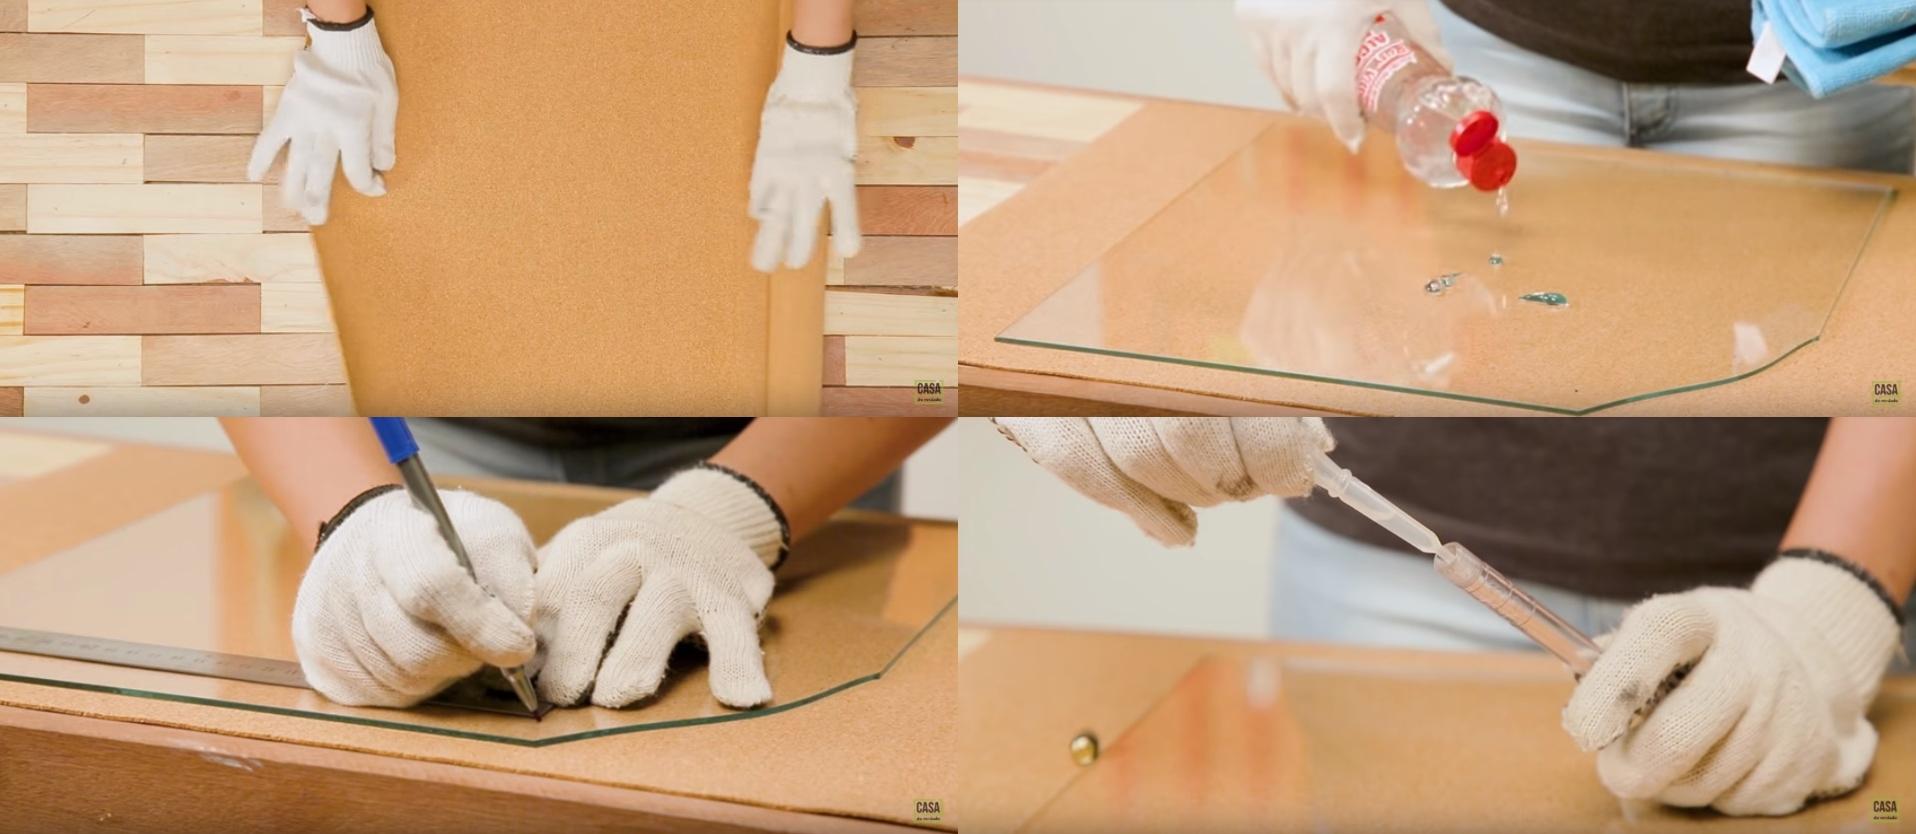 Apoio do vidro sobre cortiça, seguida de imagem de limpeza e marcação do vidro, e adição de querosene na ferramenta de corte de vidro